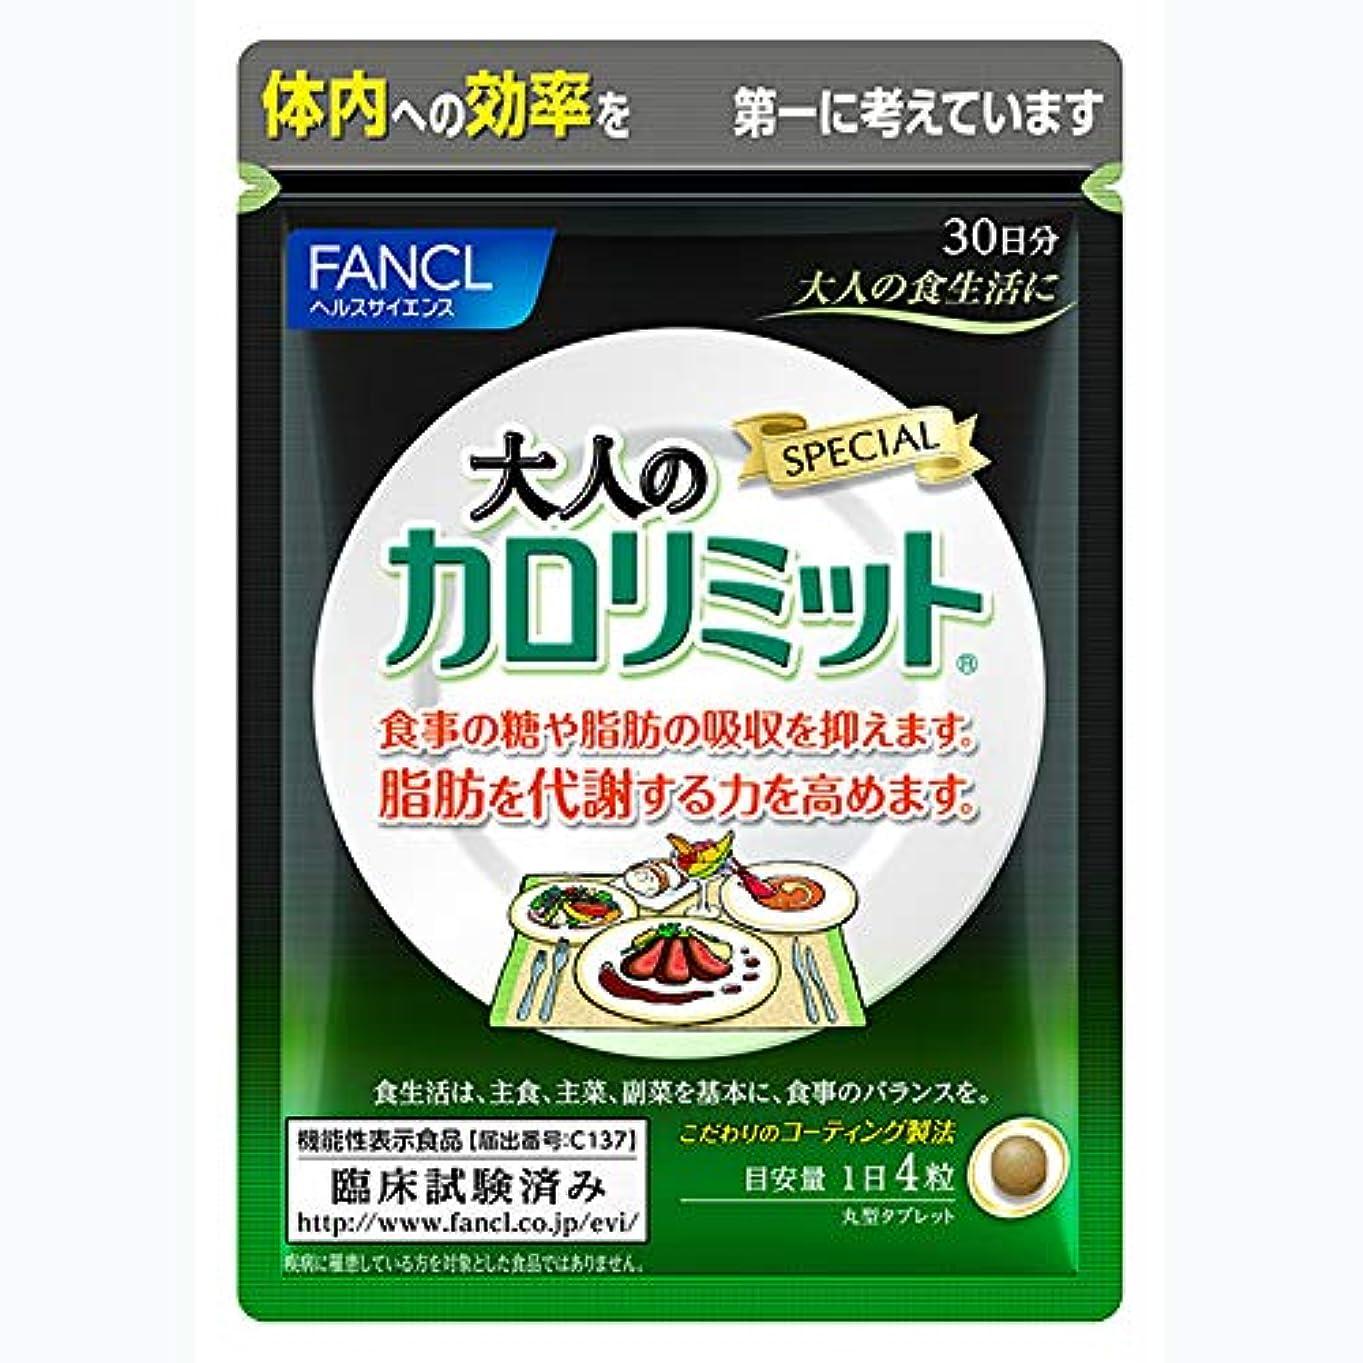 奨励力学後継ファンケル(FANCL) 大人のカロリミット [機能性表示食品] 30日分 120粒